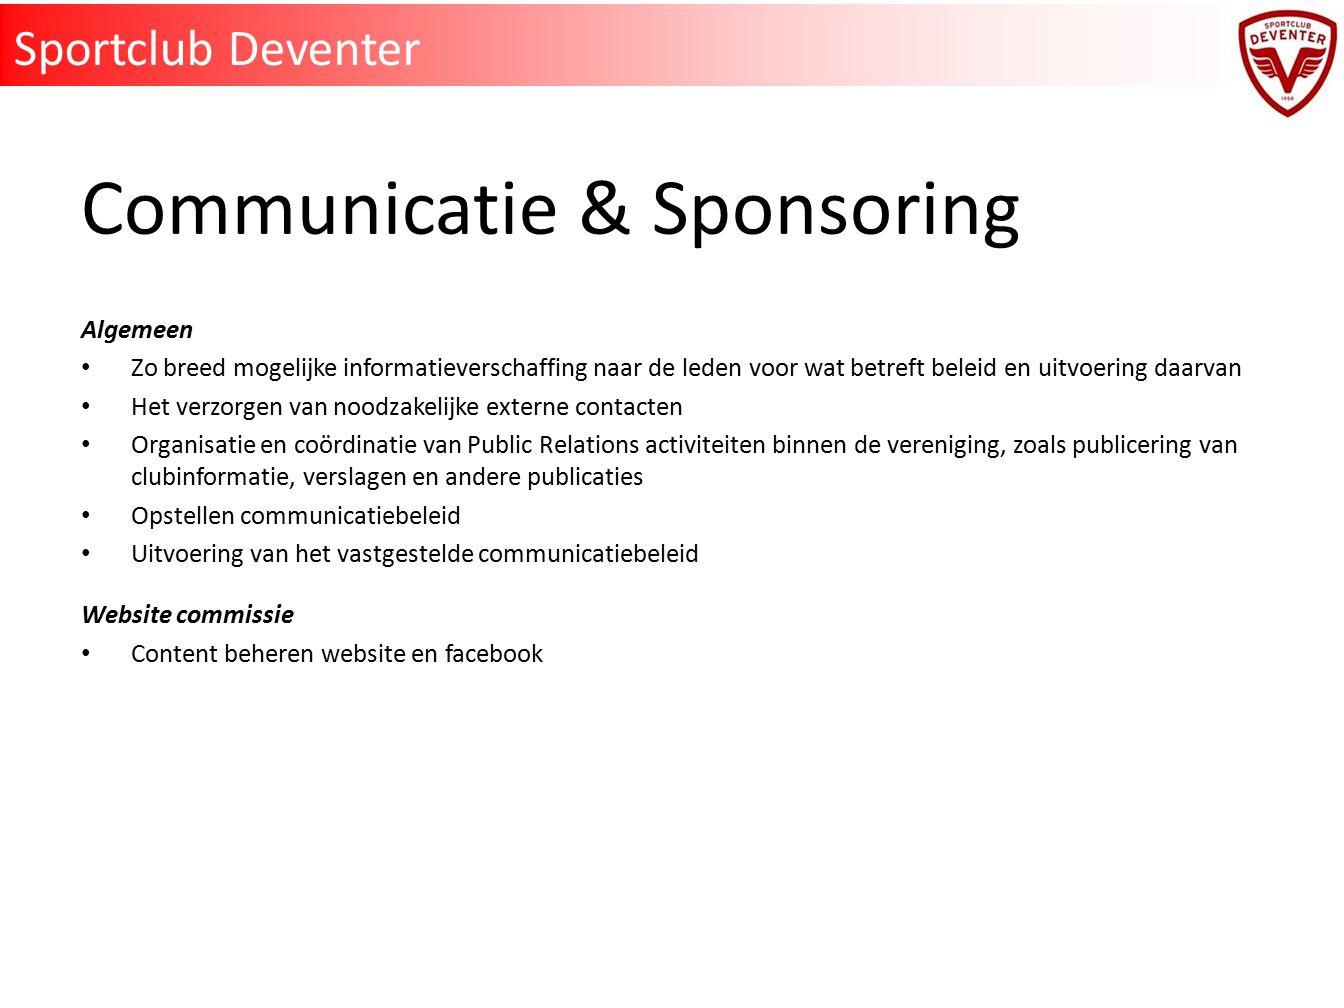 Communicatie & Sponsoring Algemeen Zo breed mogelijke informatieverschaffing naar de leden voor wat betreft beleid en uitvoering daarvan Het verzorgen